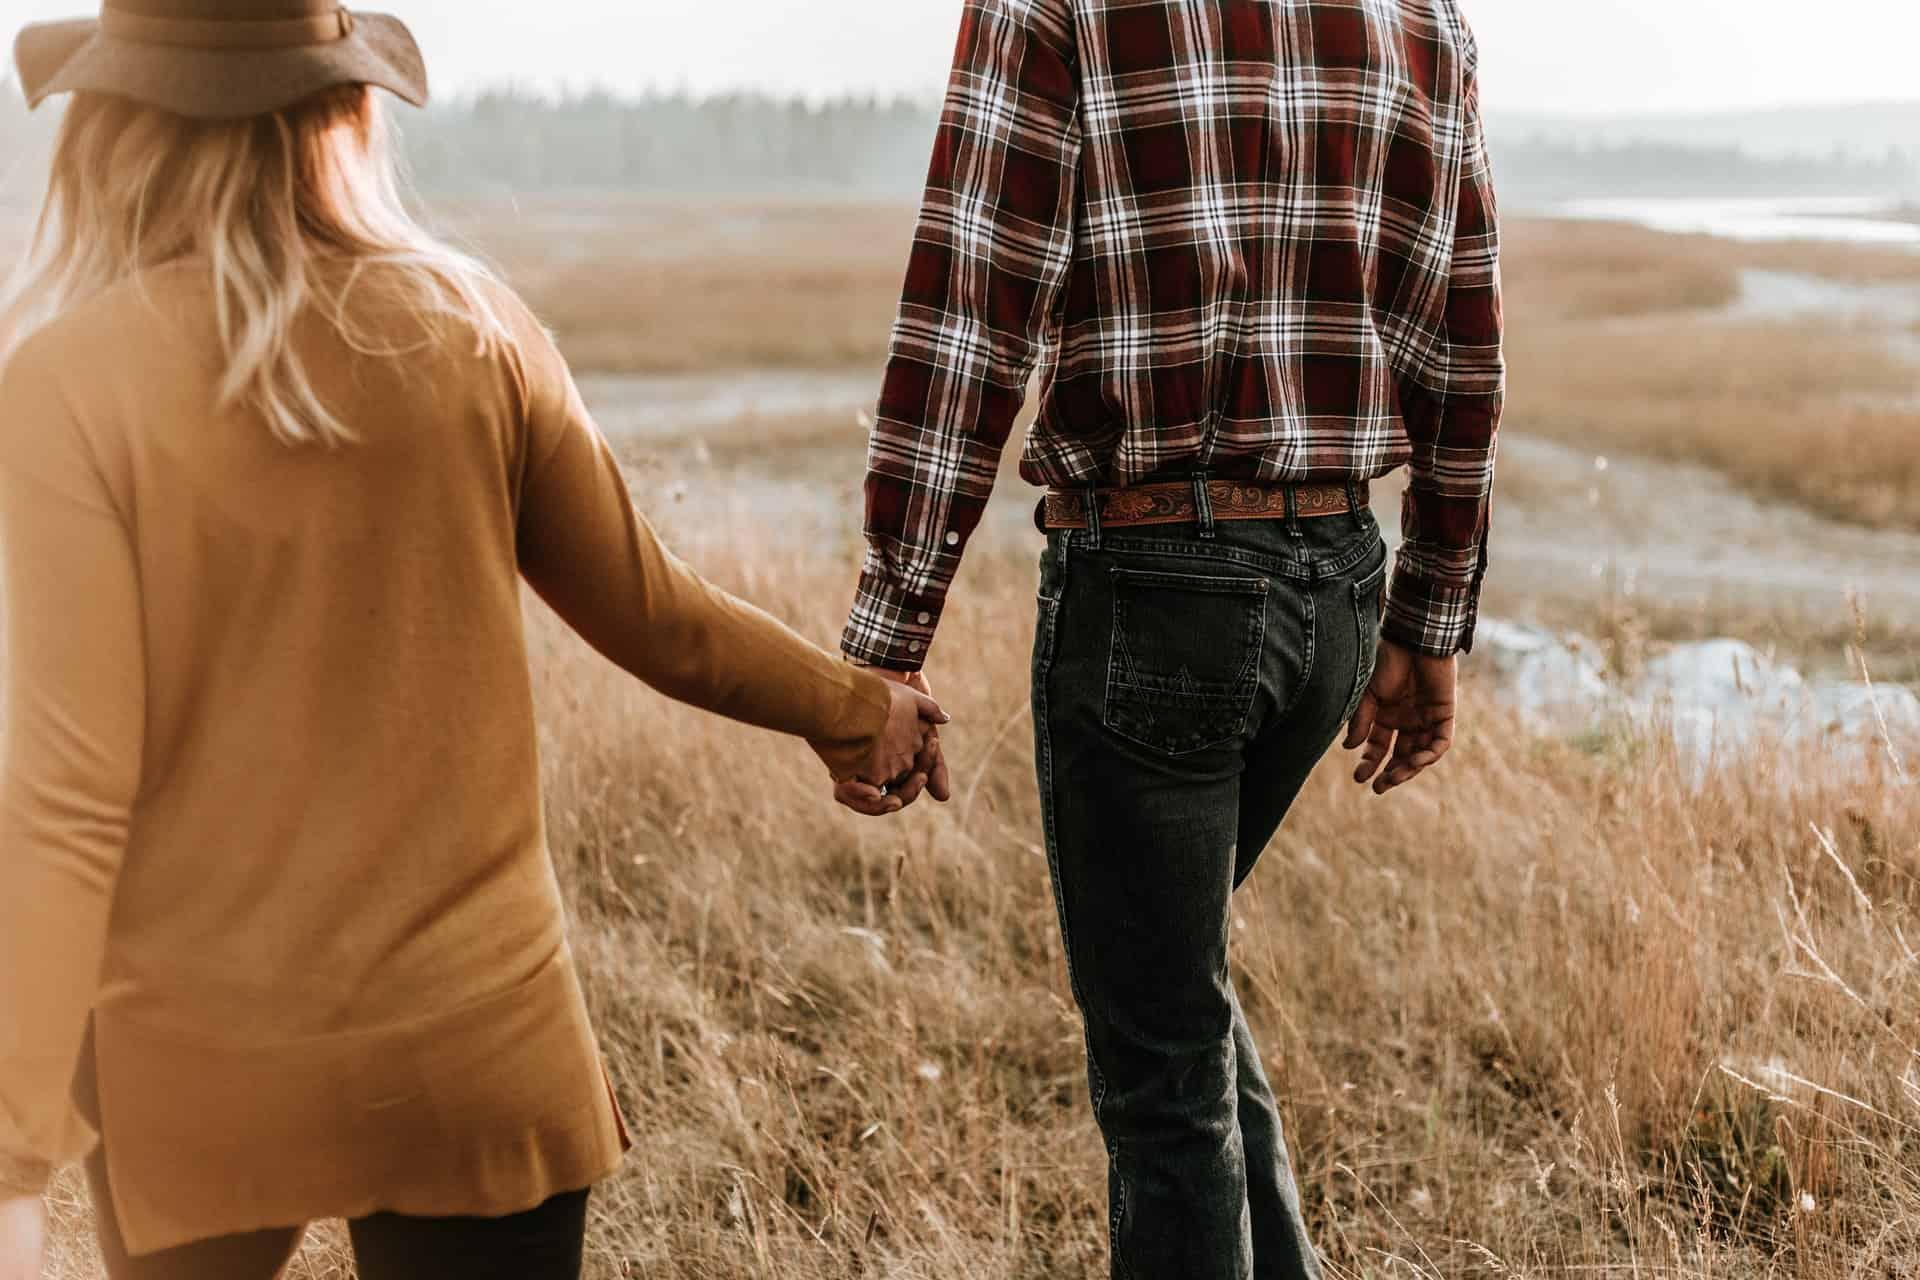 un homme et se tenir la main en marchant